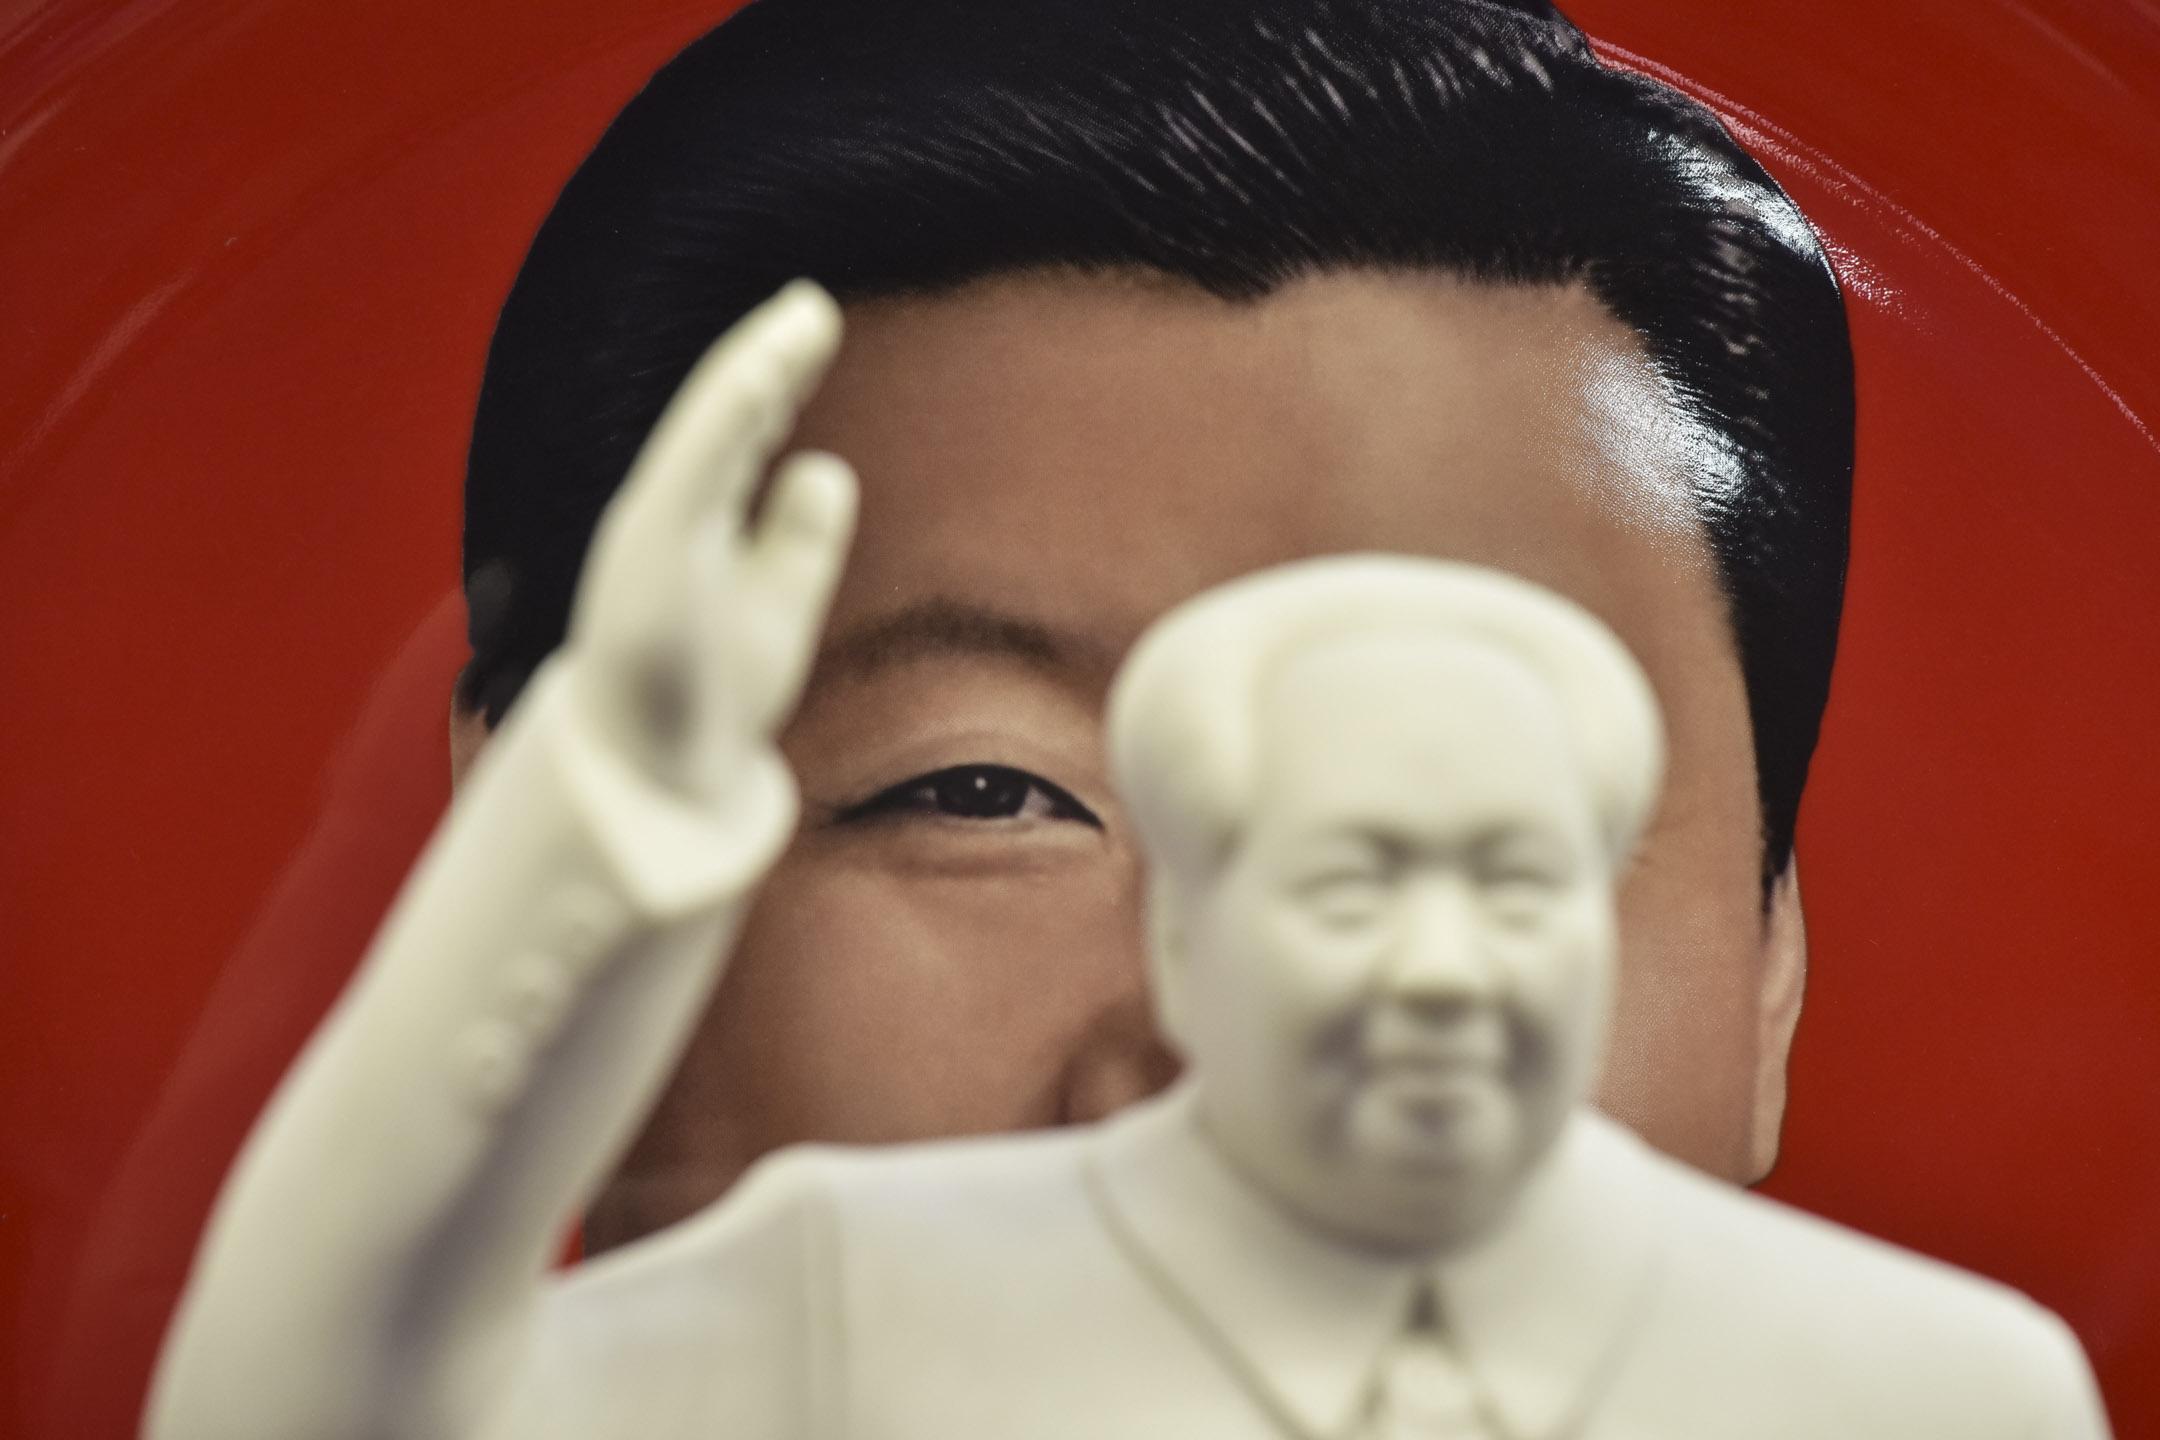 中共中央委員會提議,刪除憲法第七十九條第三款中對國家主席、副主席「連續任職不得超過兩屆」的規定。外間普遍反應是修憲為中國最高領導人習近平繼續執掌黨、政、軍大權鋪路。圖為2018年2月27日,北京一間售賣領導人紀念品的店舖。 攝:Greg Baker/AFP/Getty Images